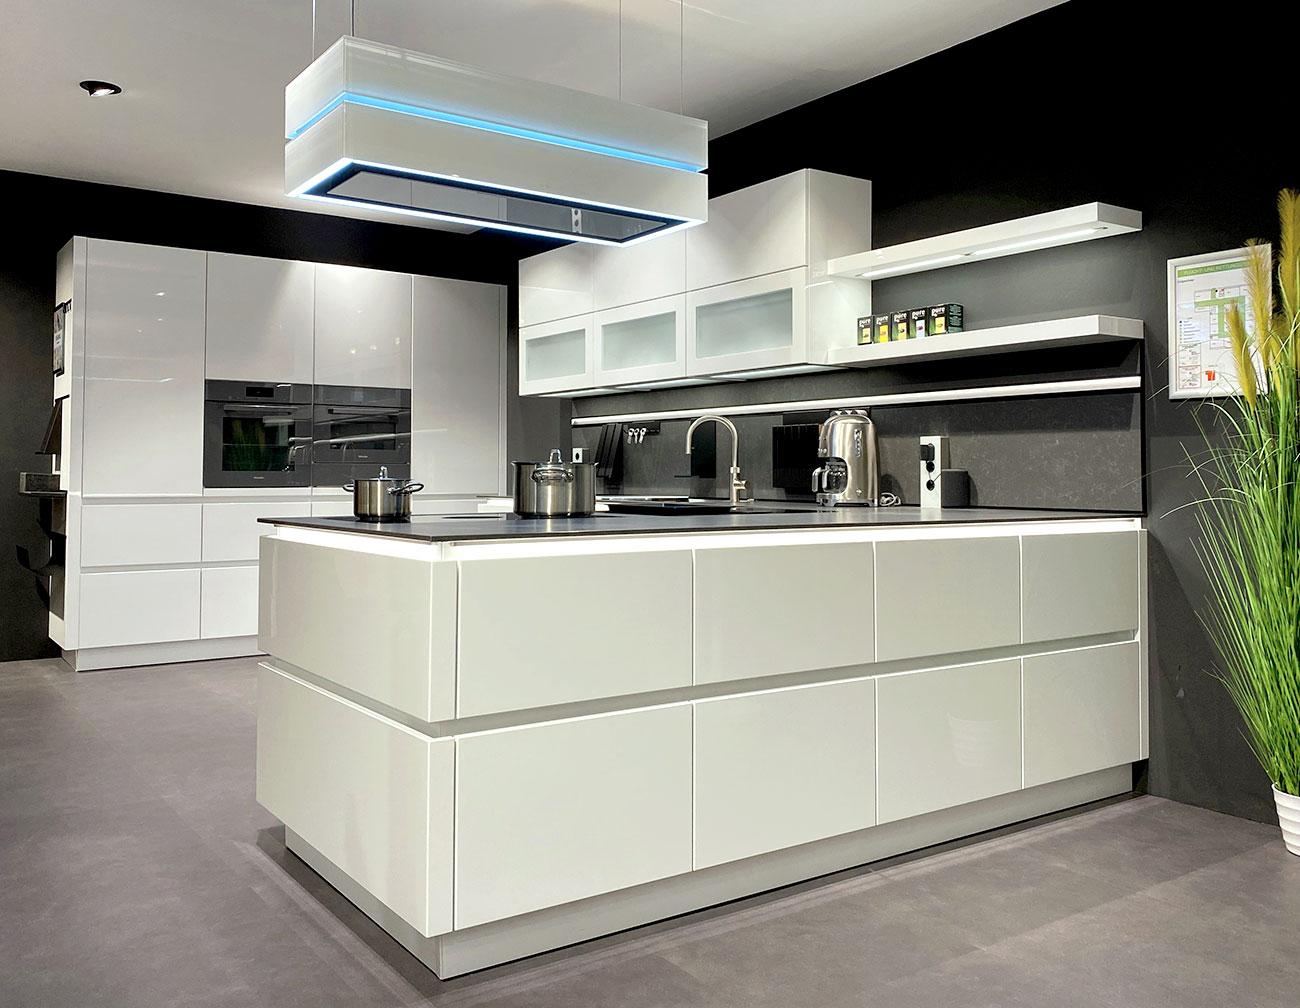 Schüller Küche Galore mit Hochglanzfronten in Kristallweiß